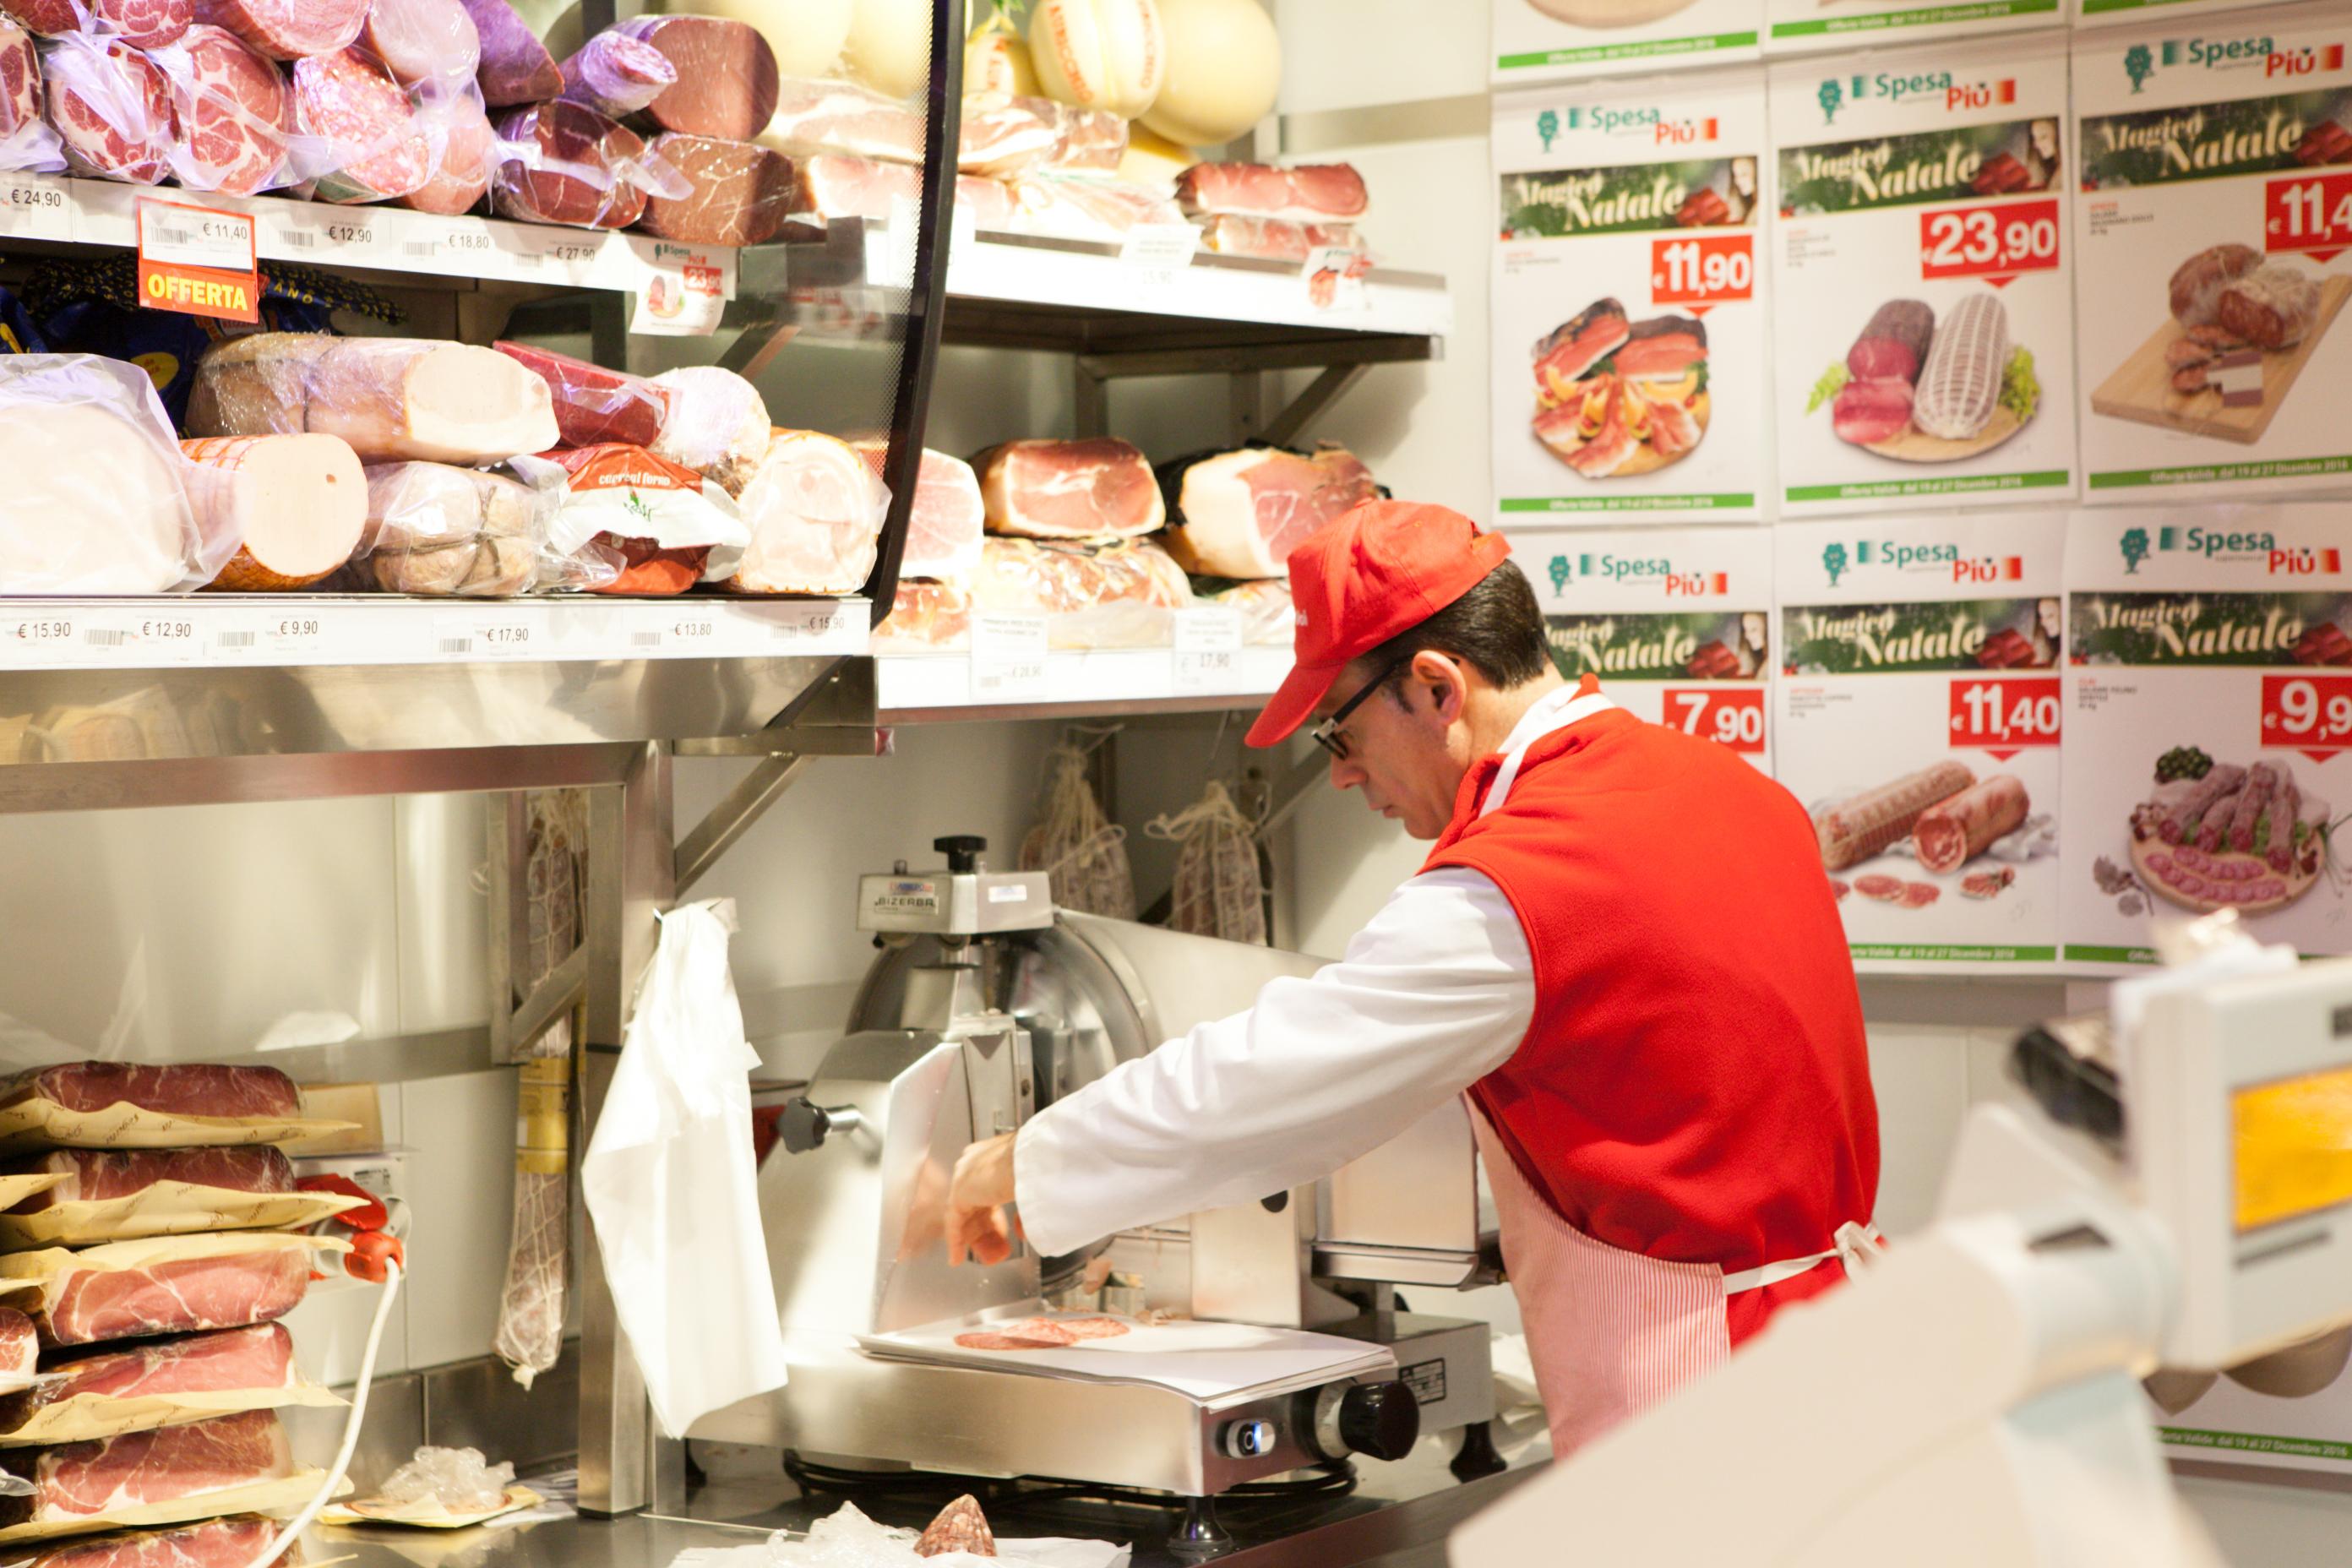 Lavora Con Noi Spesa Pi Supermercati